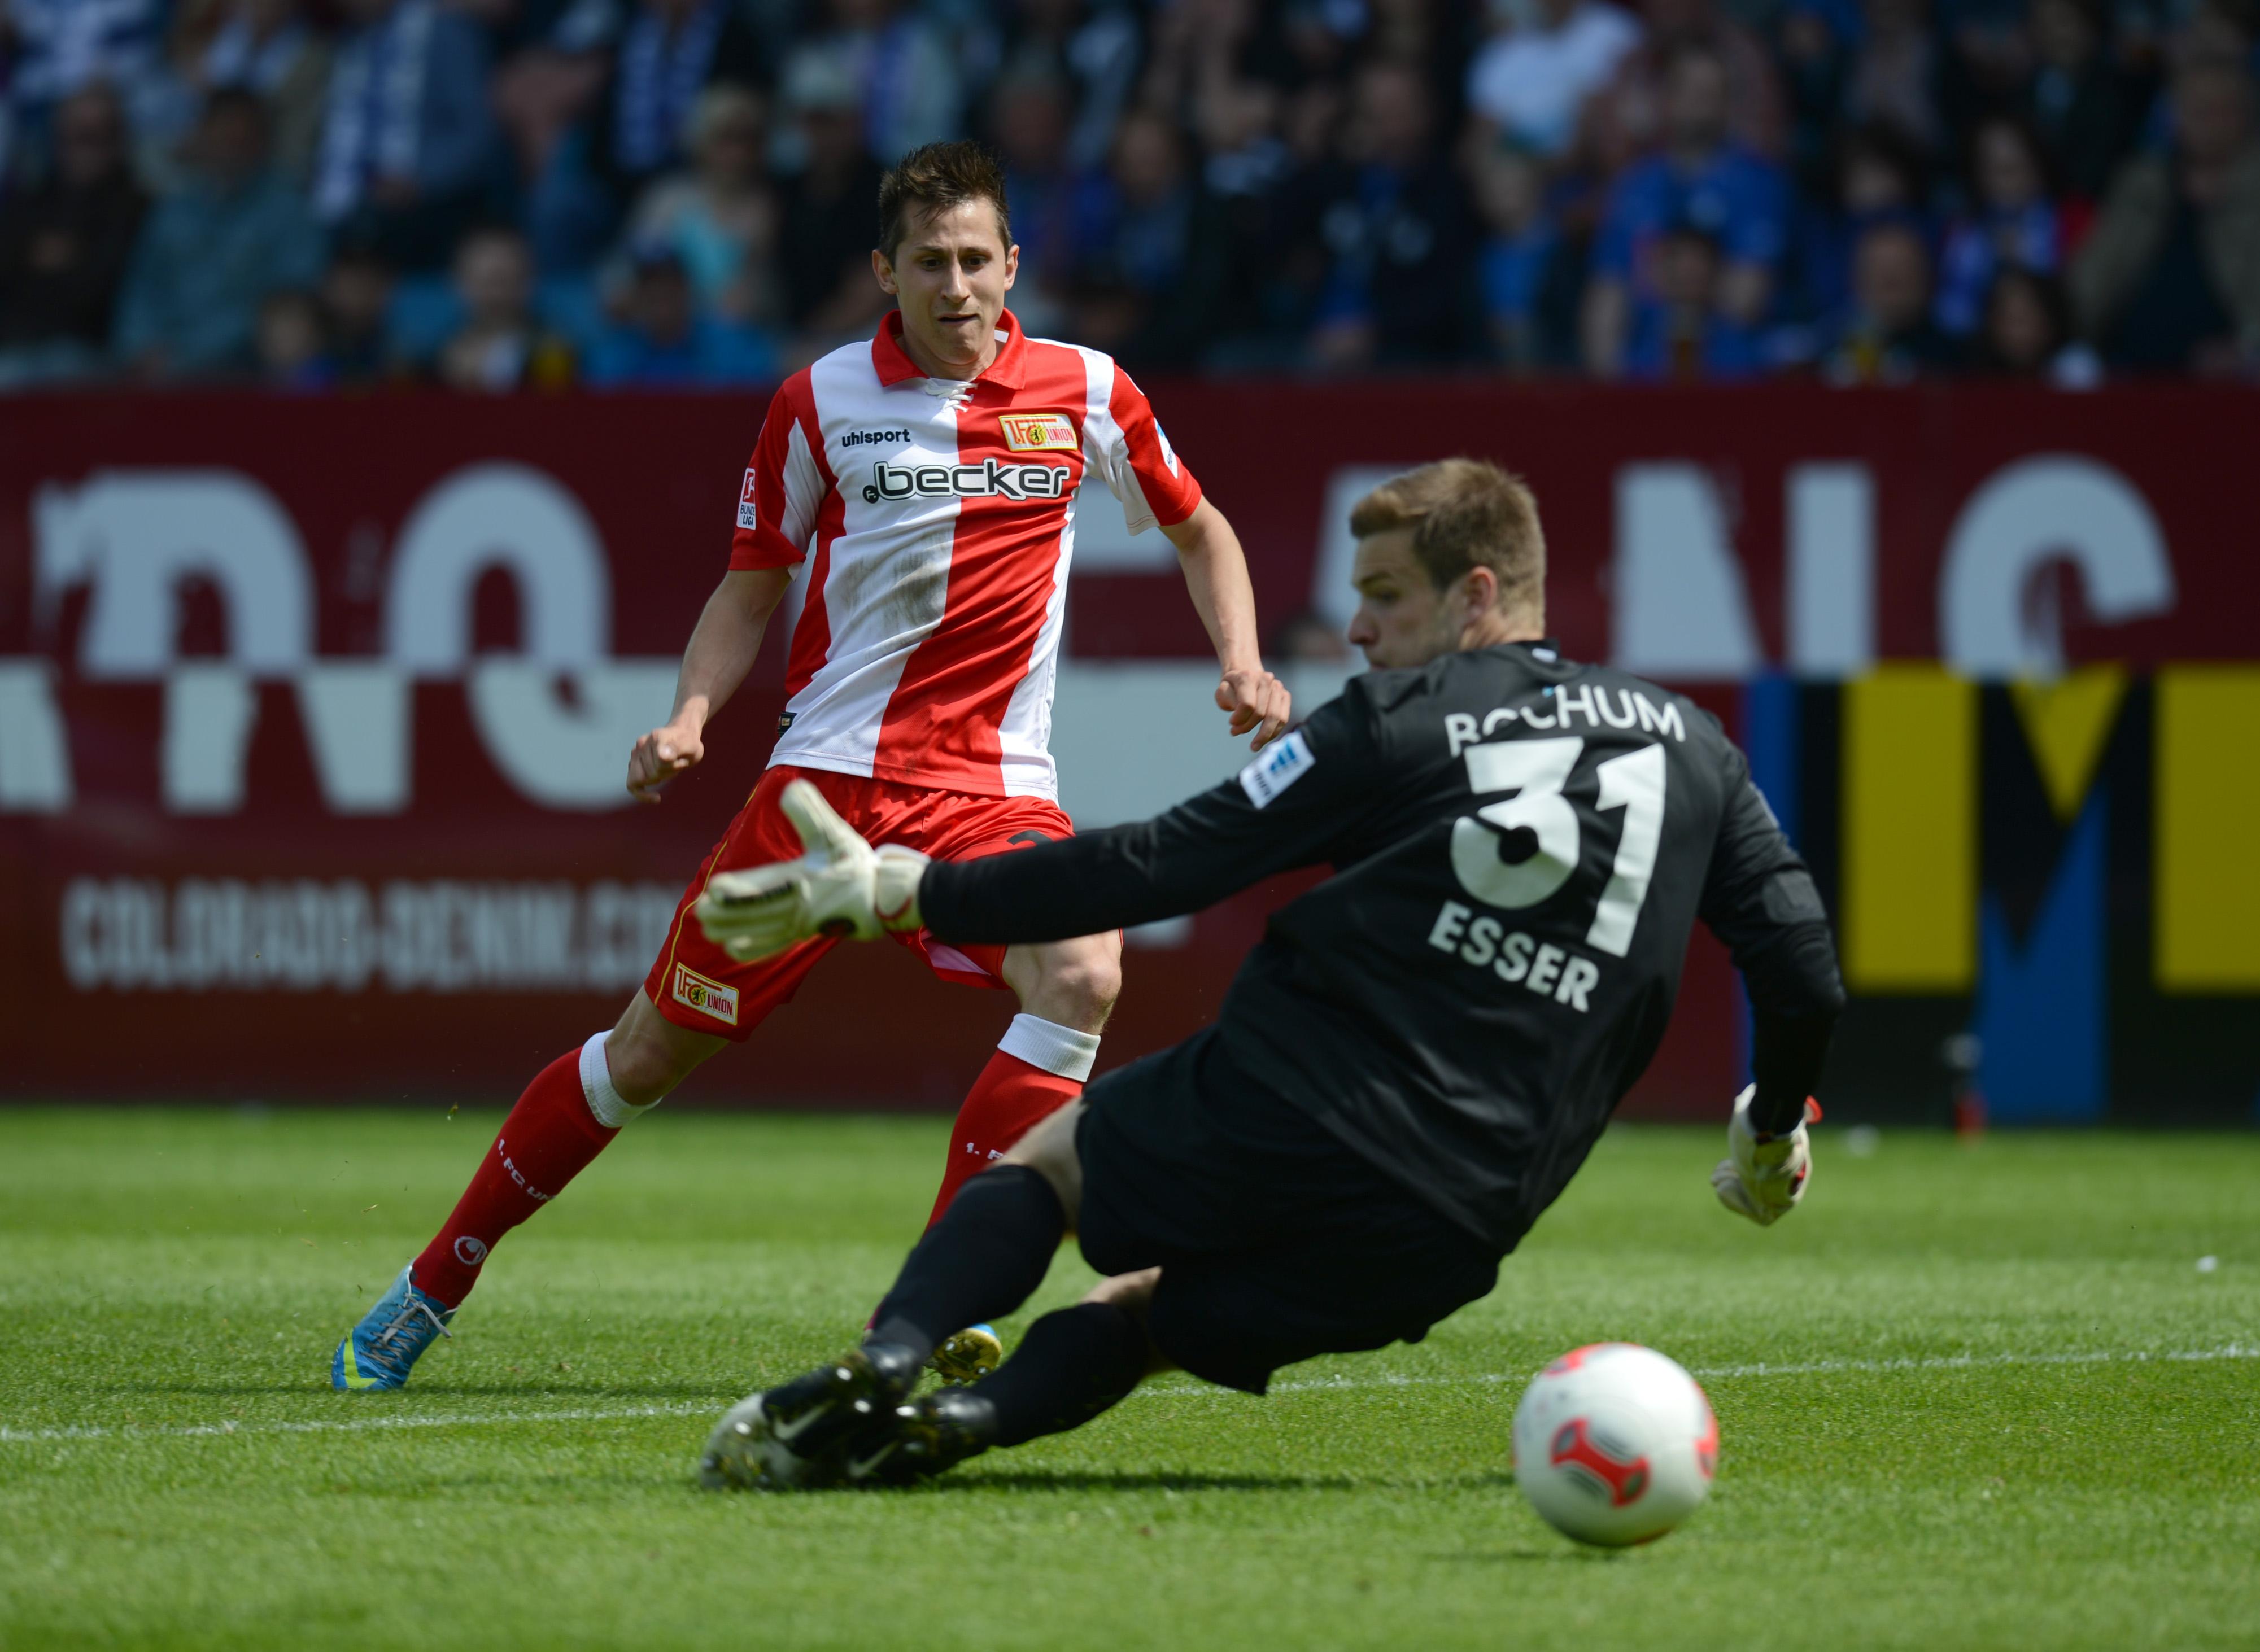 VfL Bochum - 1. FC Union 2012/13